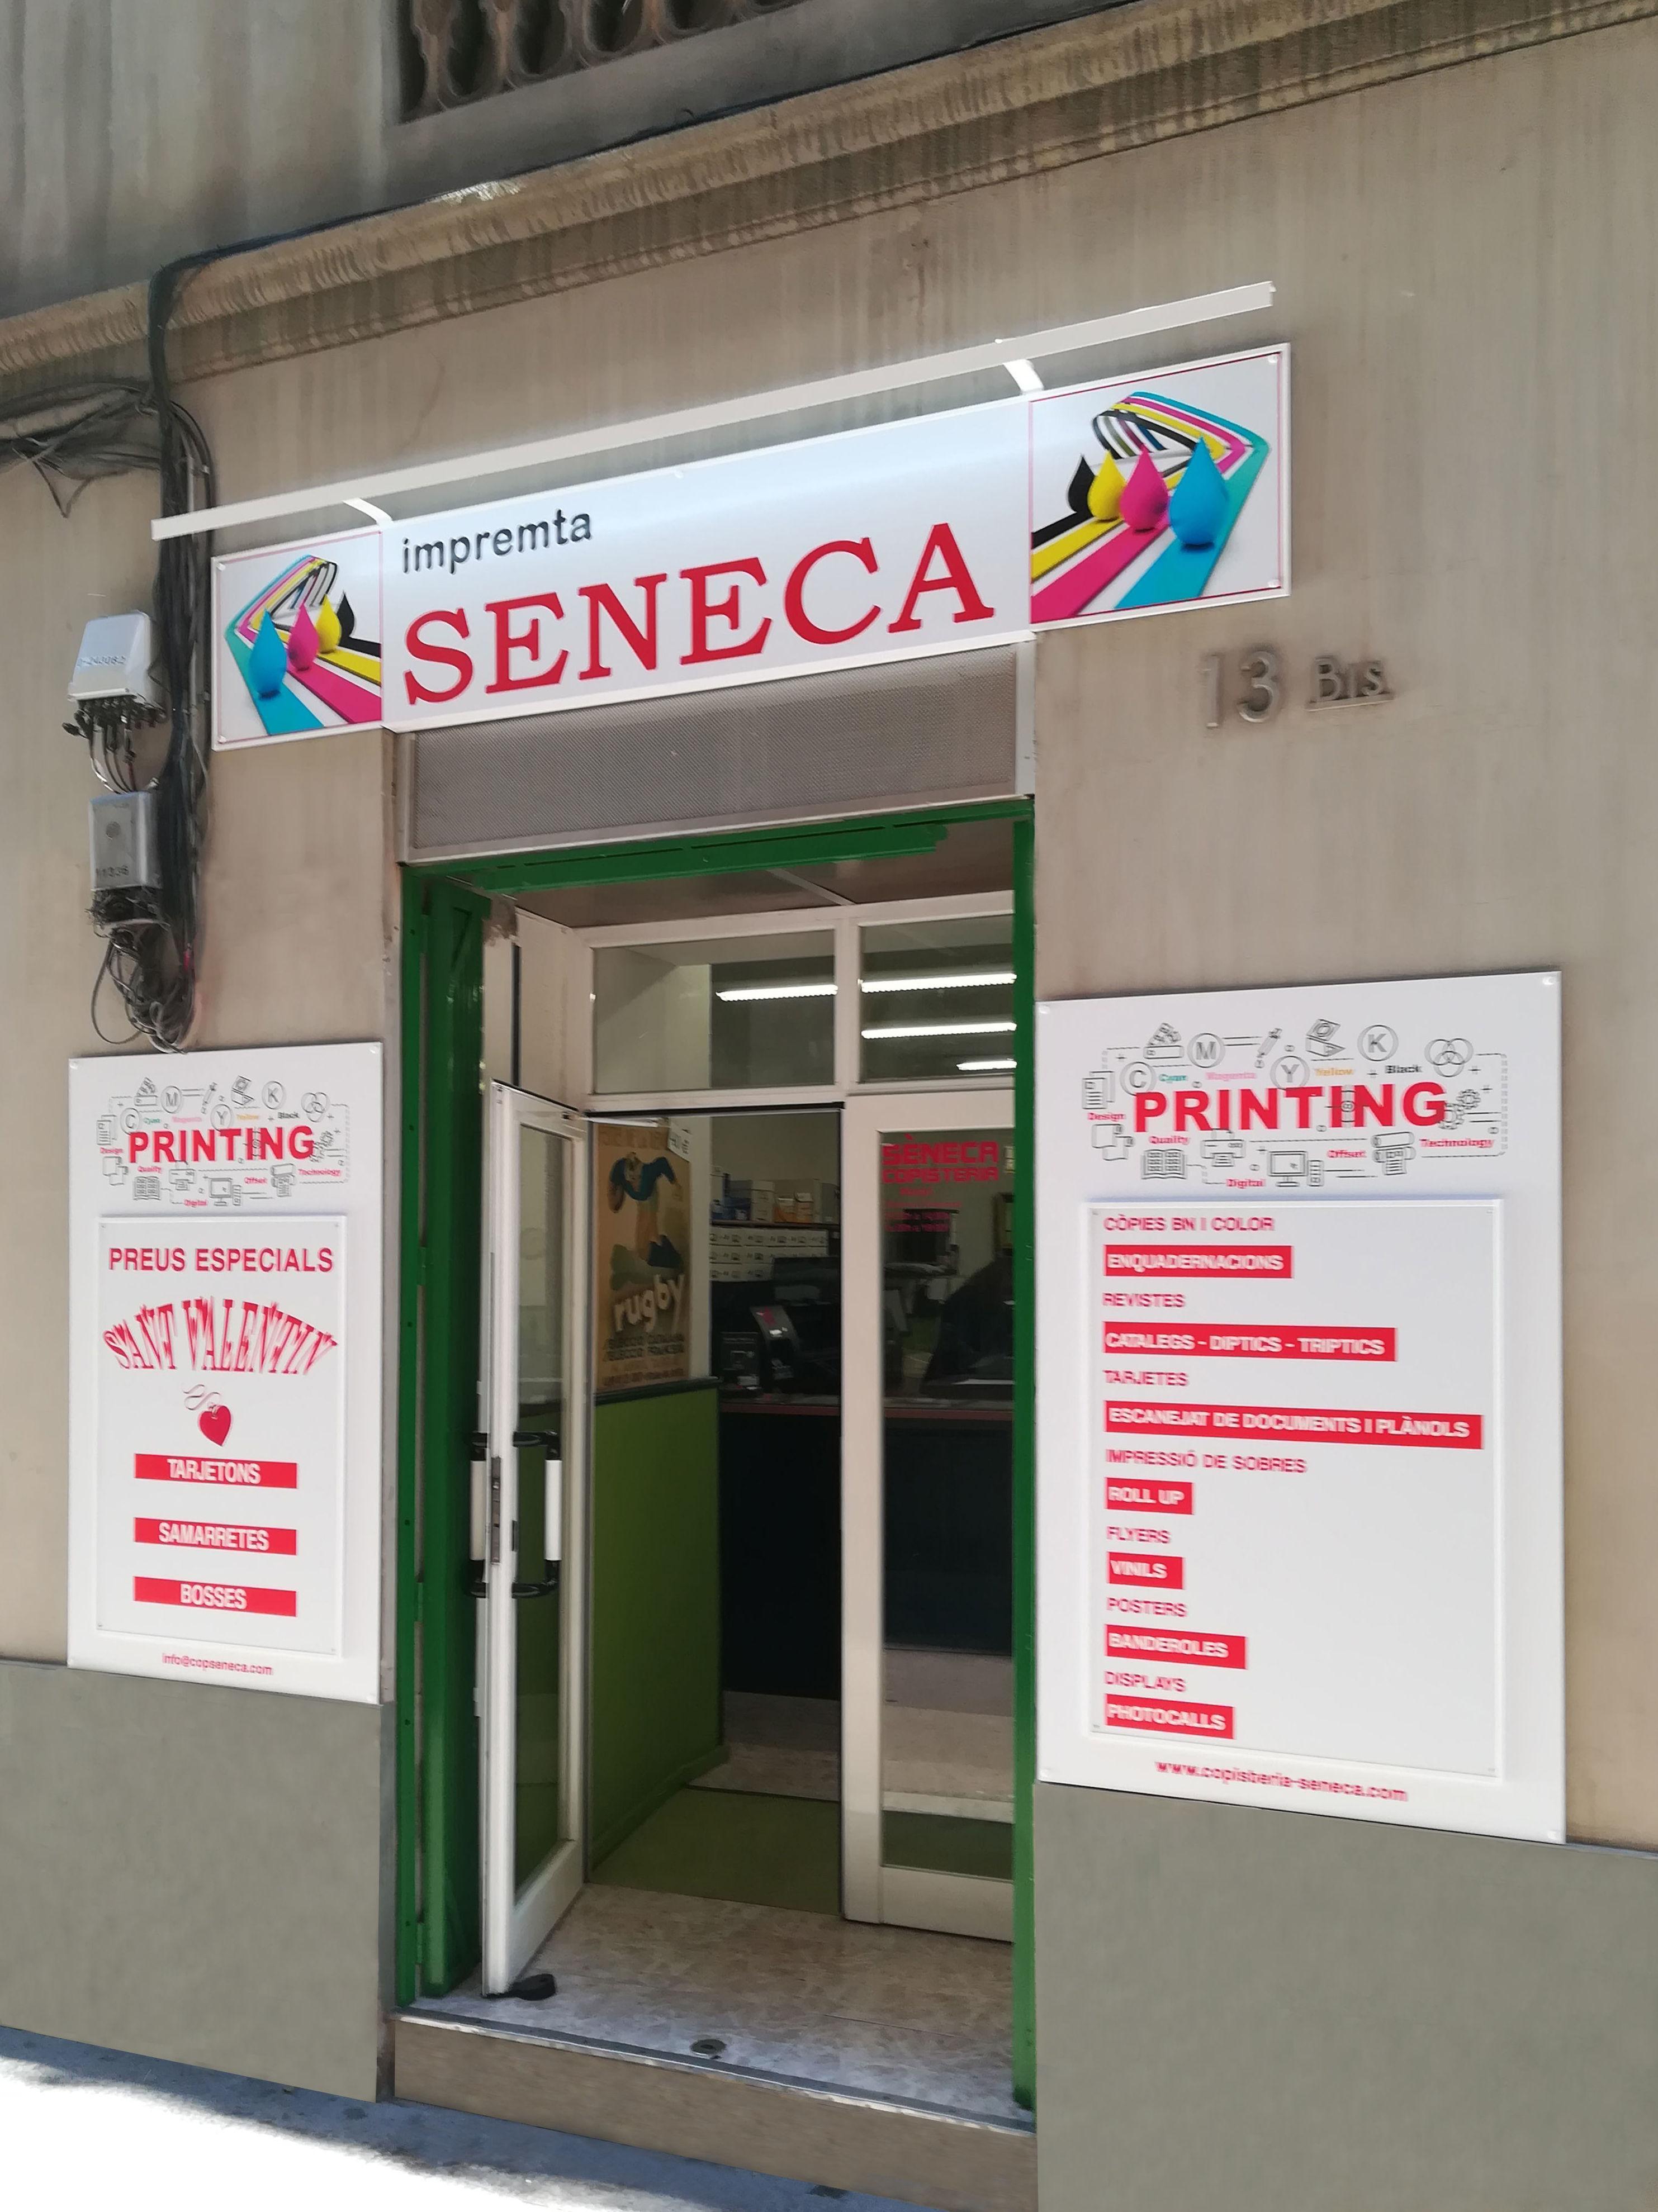 Foto 1 de Imprentas en Barcelona | Sèneca Copistería